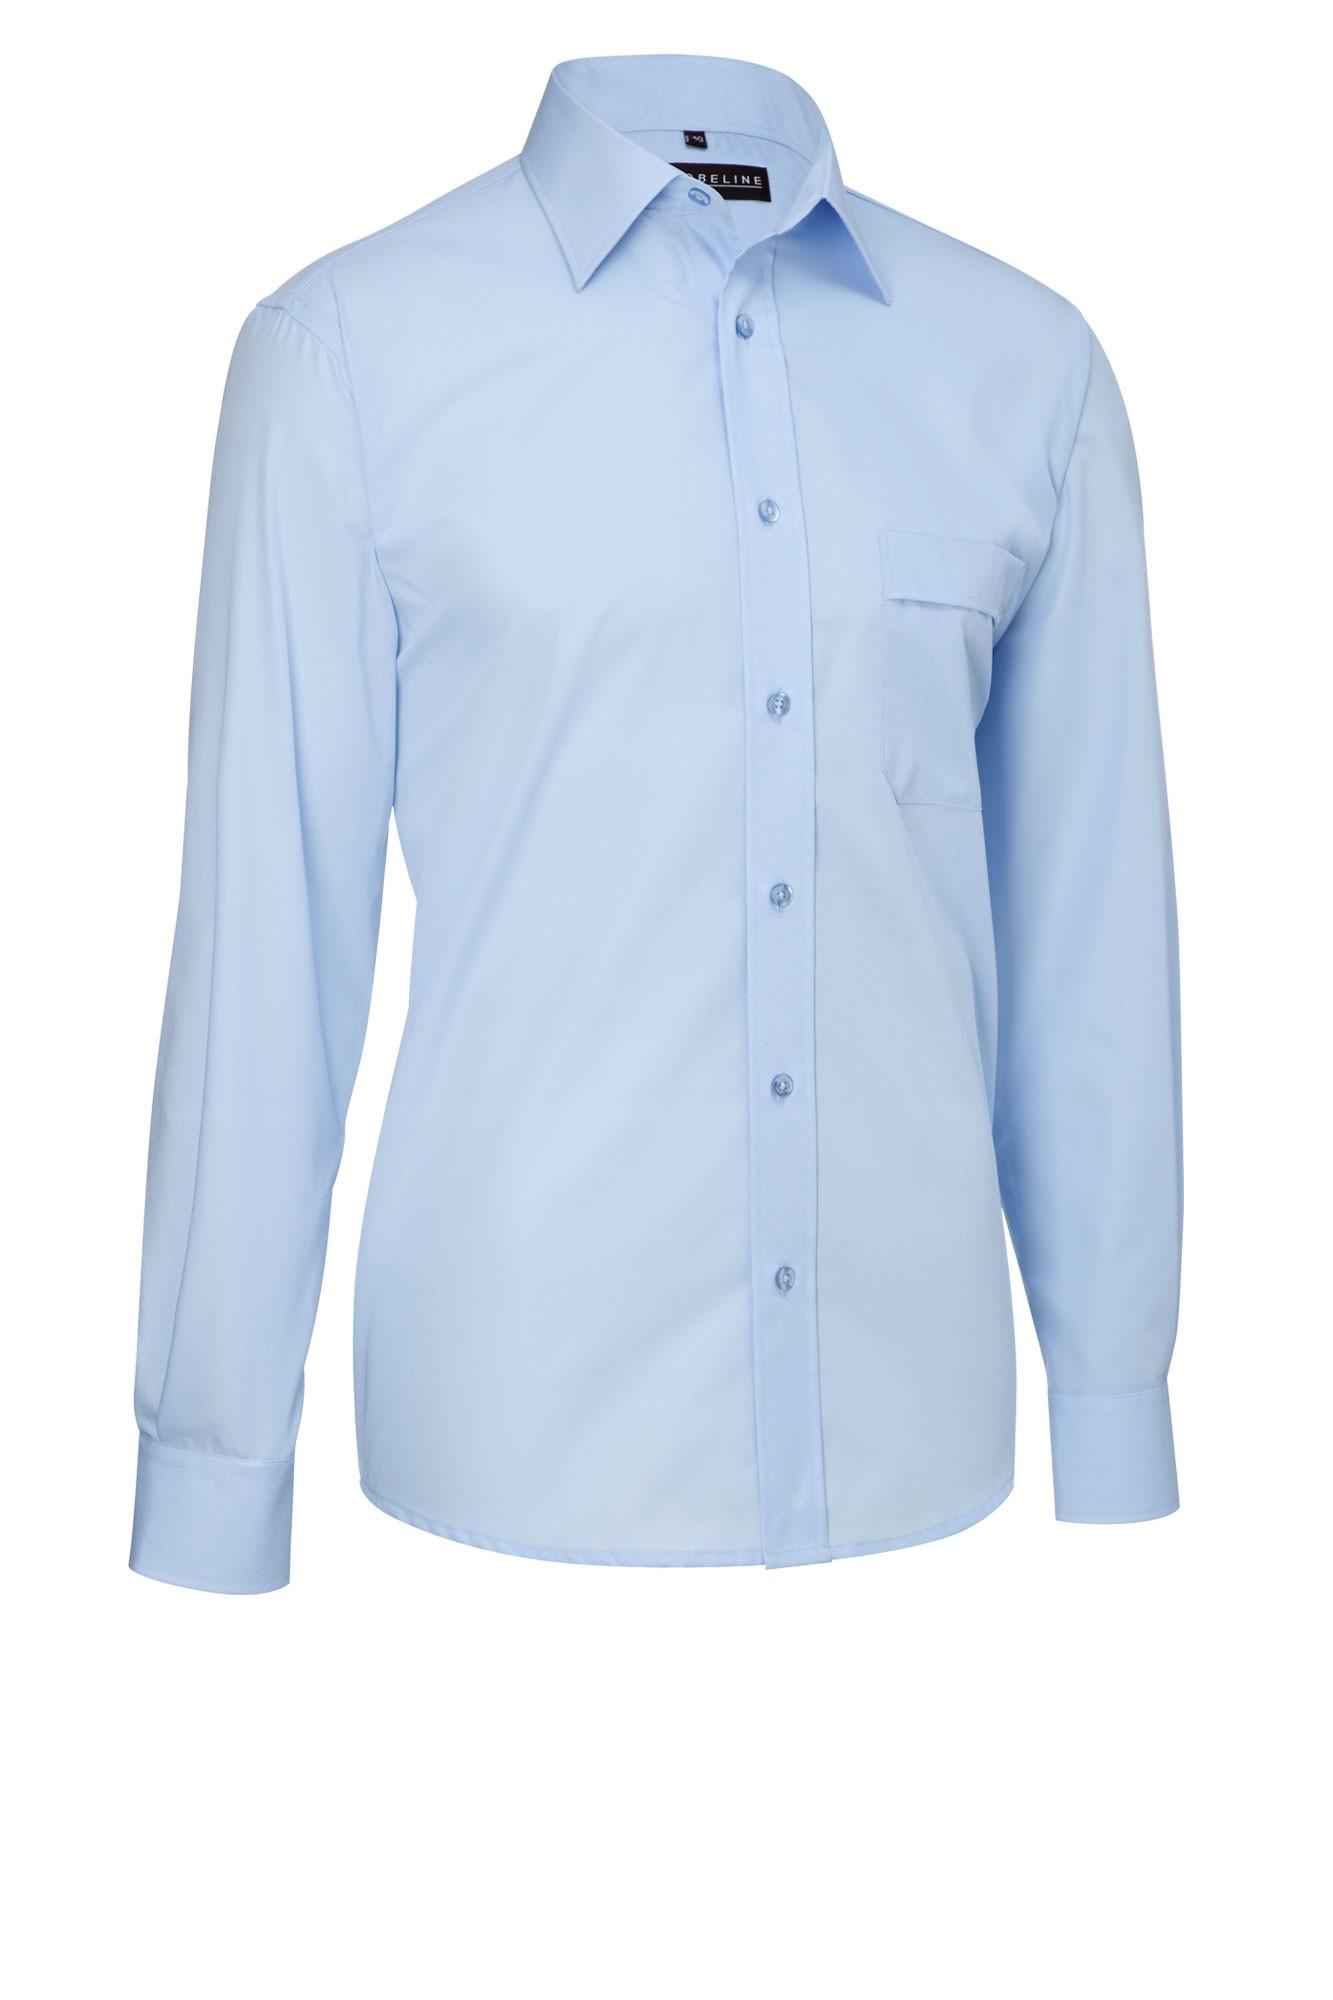 Pánská košile Marc - sv. modrá/dlouhý rukáv